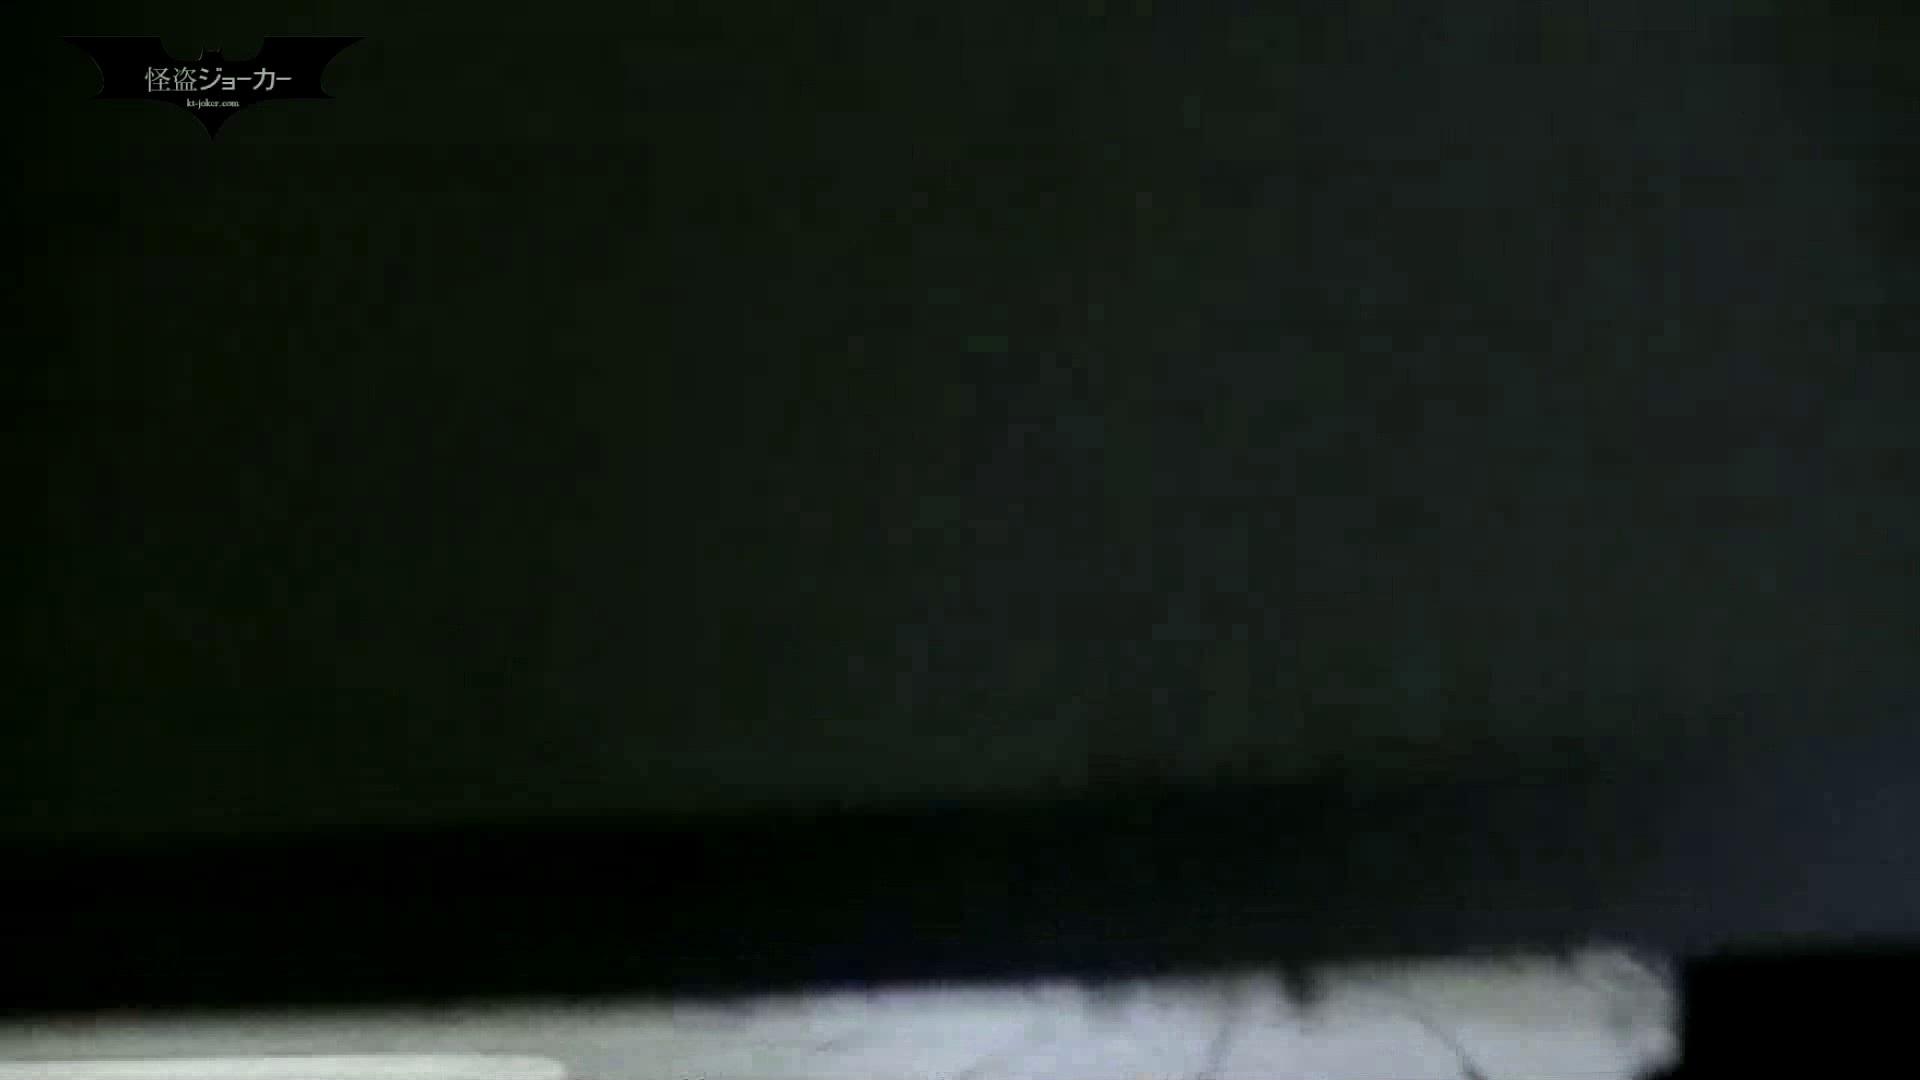 夏の思い出浜辺トイレ盗撮Vol.11 超若いギャル ギャルの実態 覗きスケベ動画紹介 98pic 74